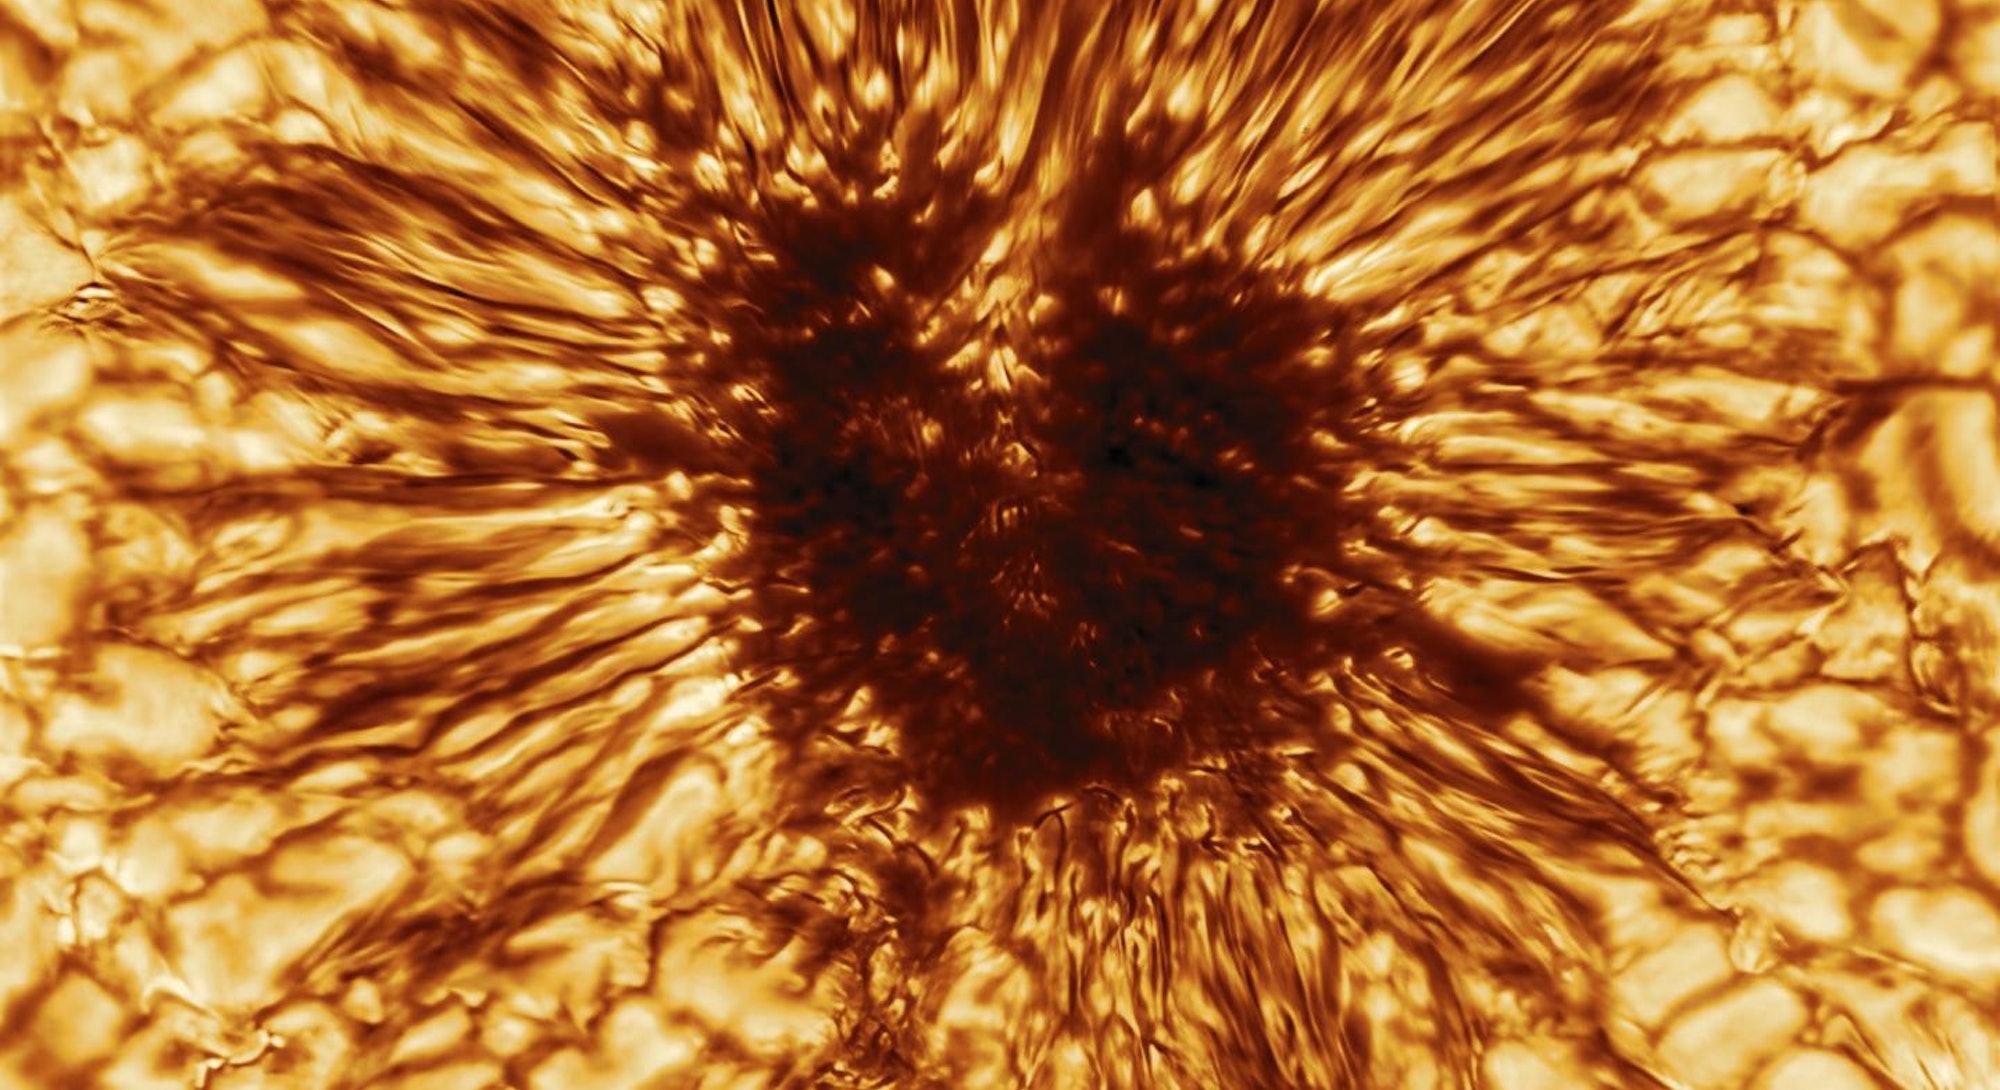 Detailed sunspot